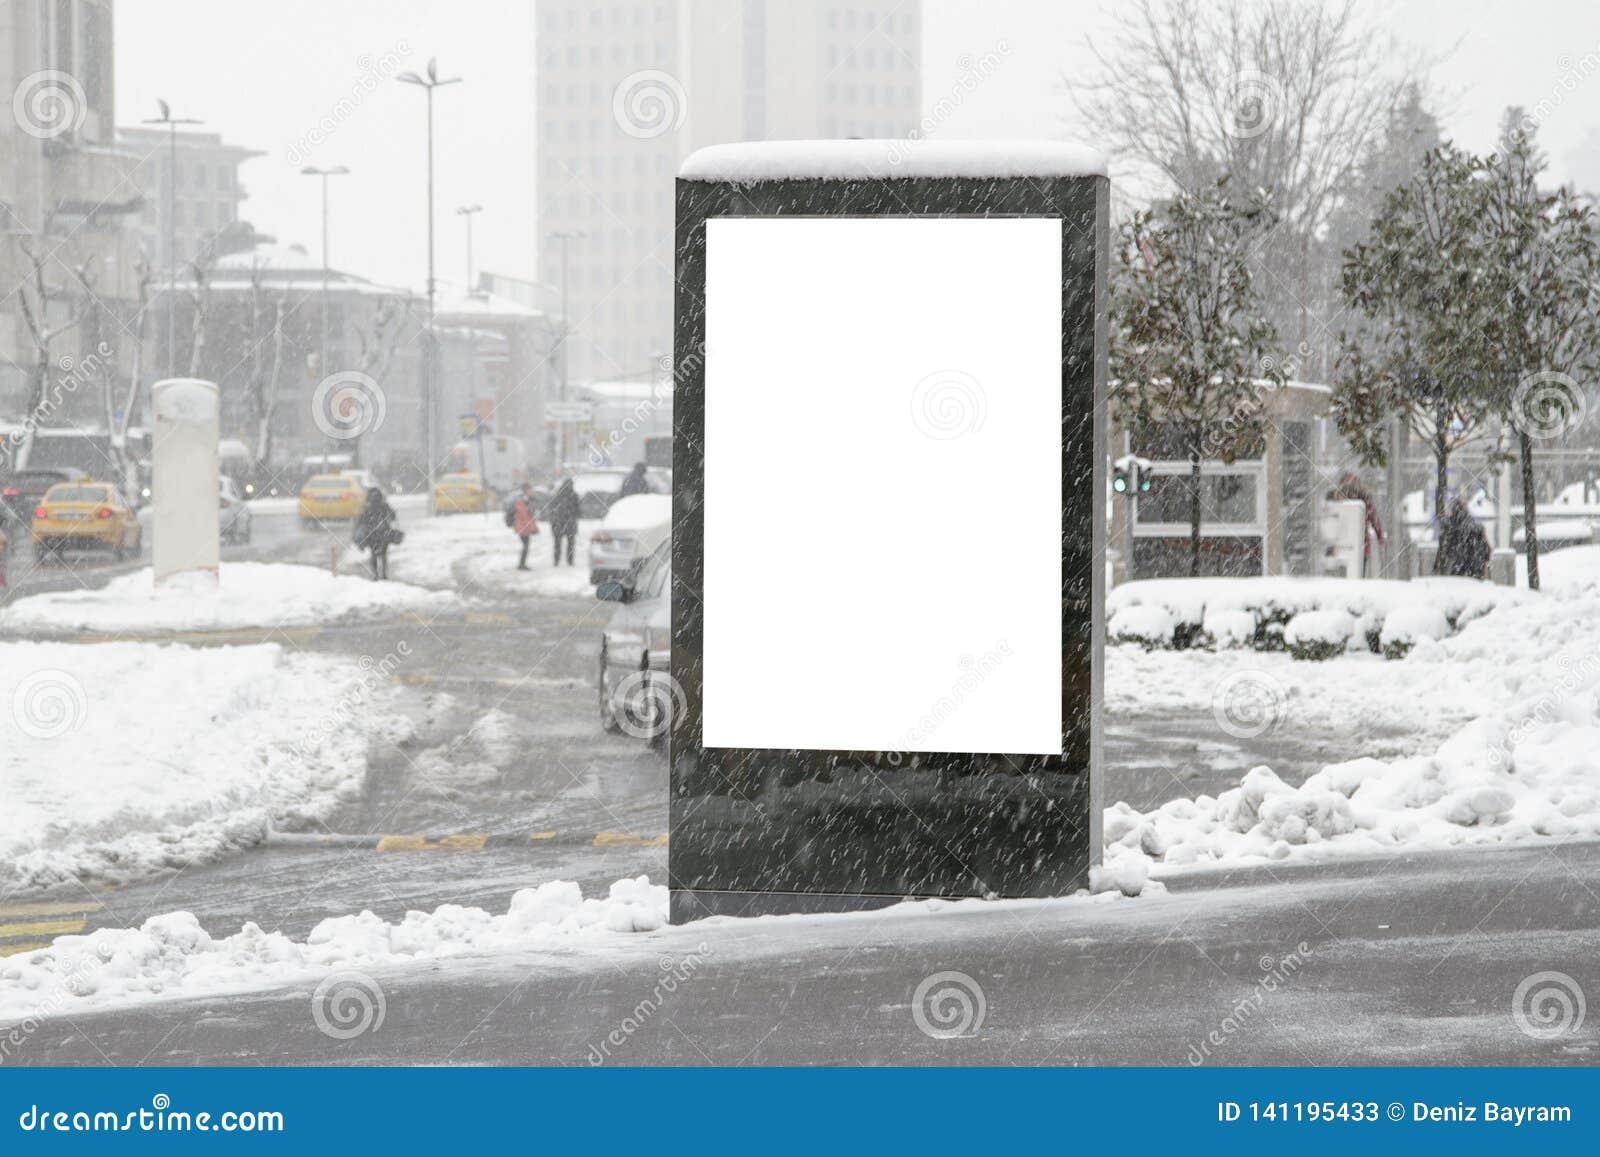 Quadro de avisos na rua no inverno